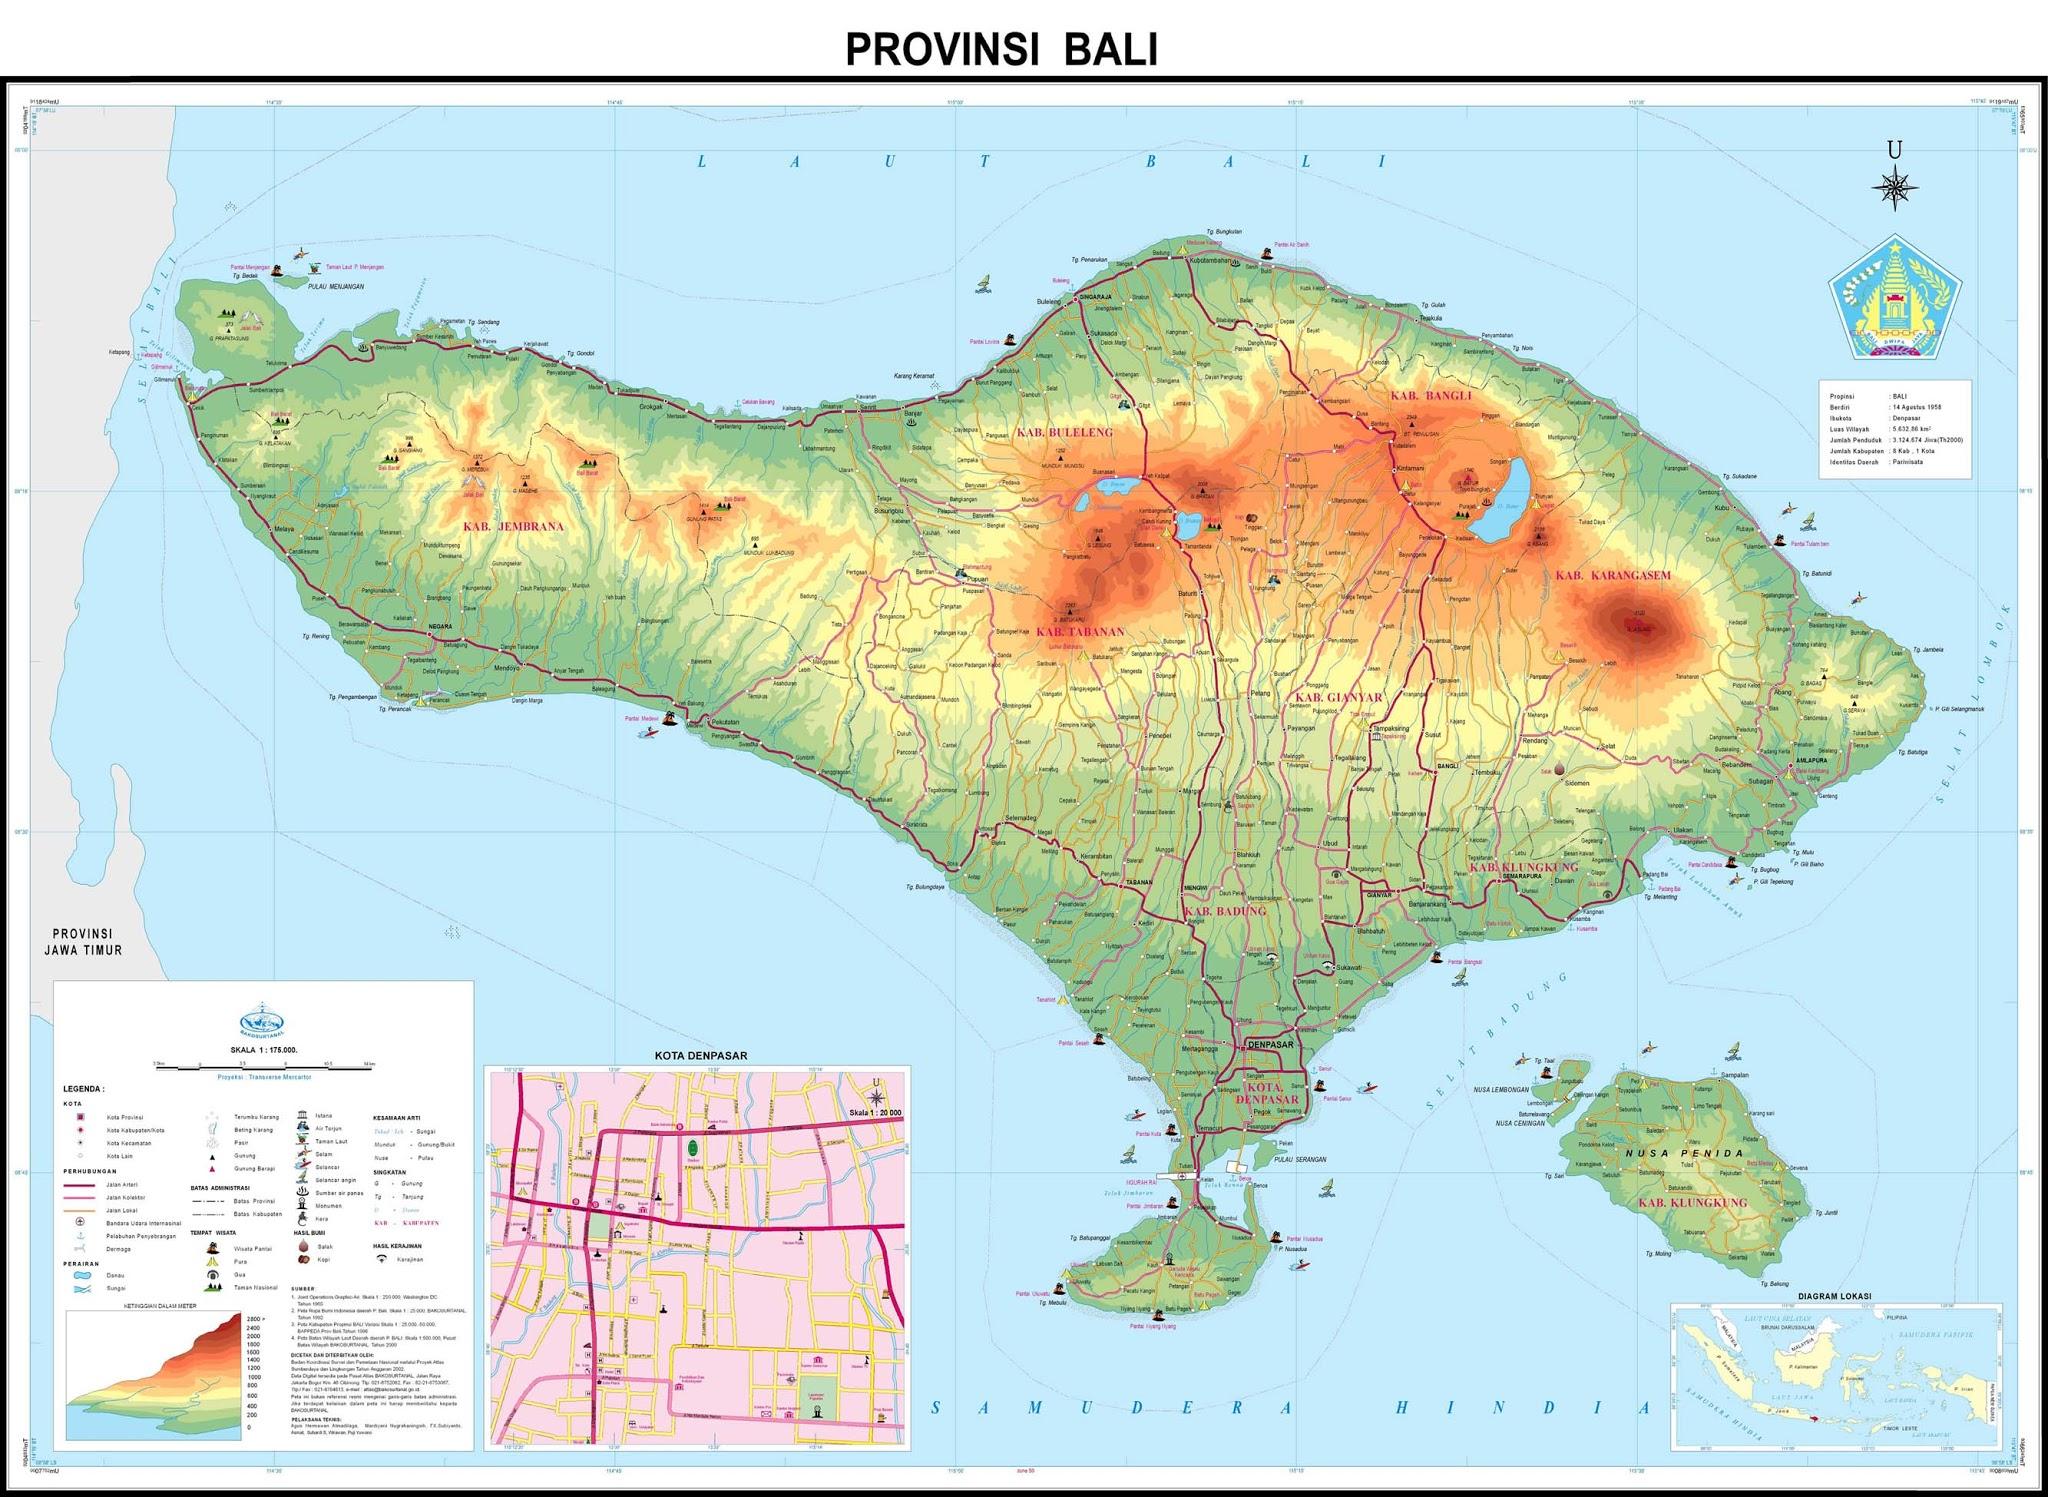 Peta Kota Provinsi Bali Hd Klik Open Tab Full Map